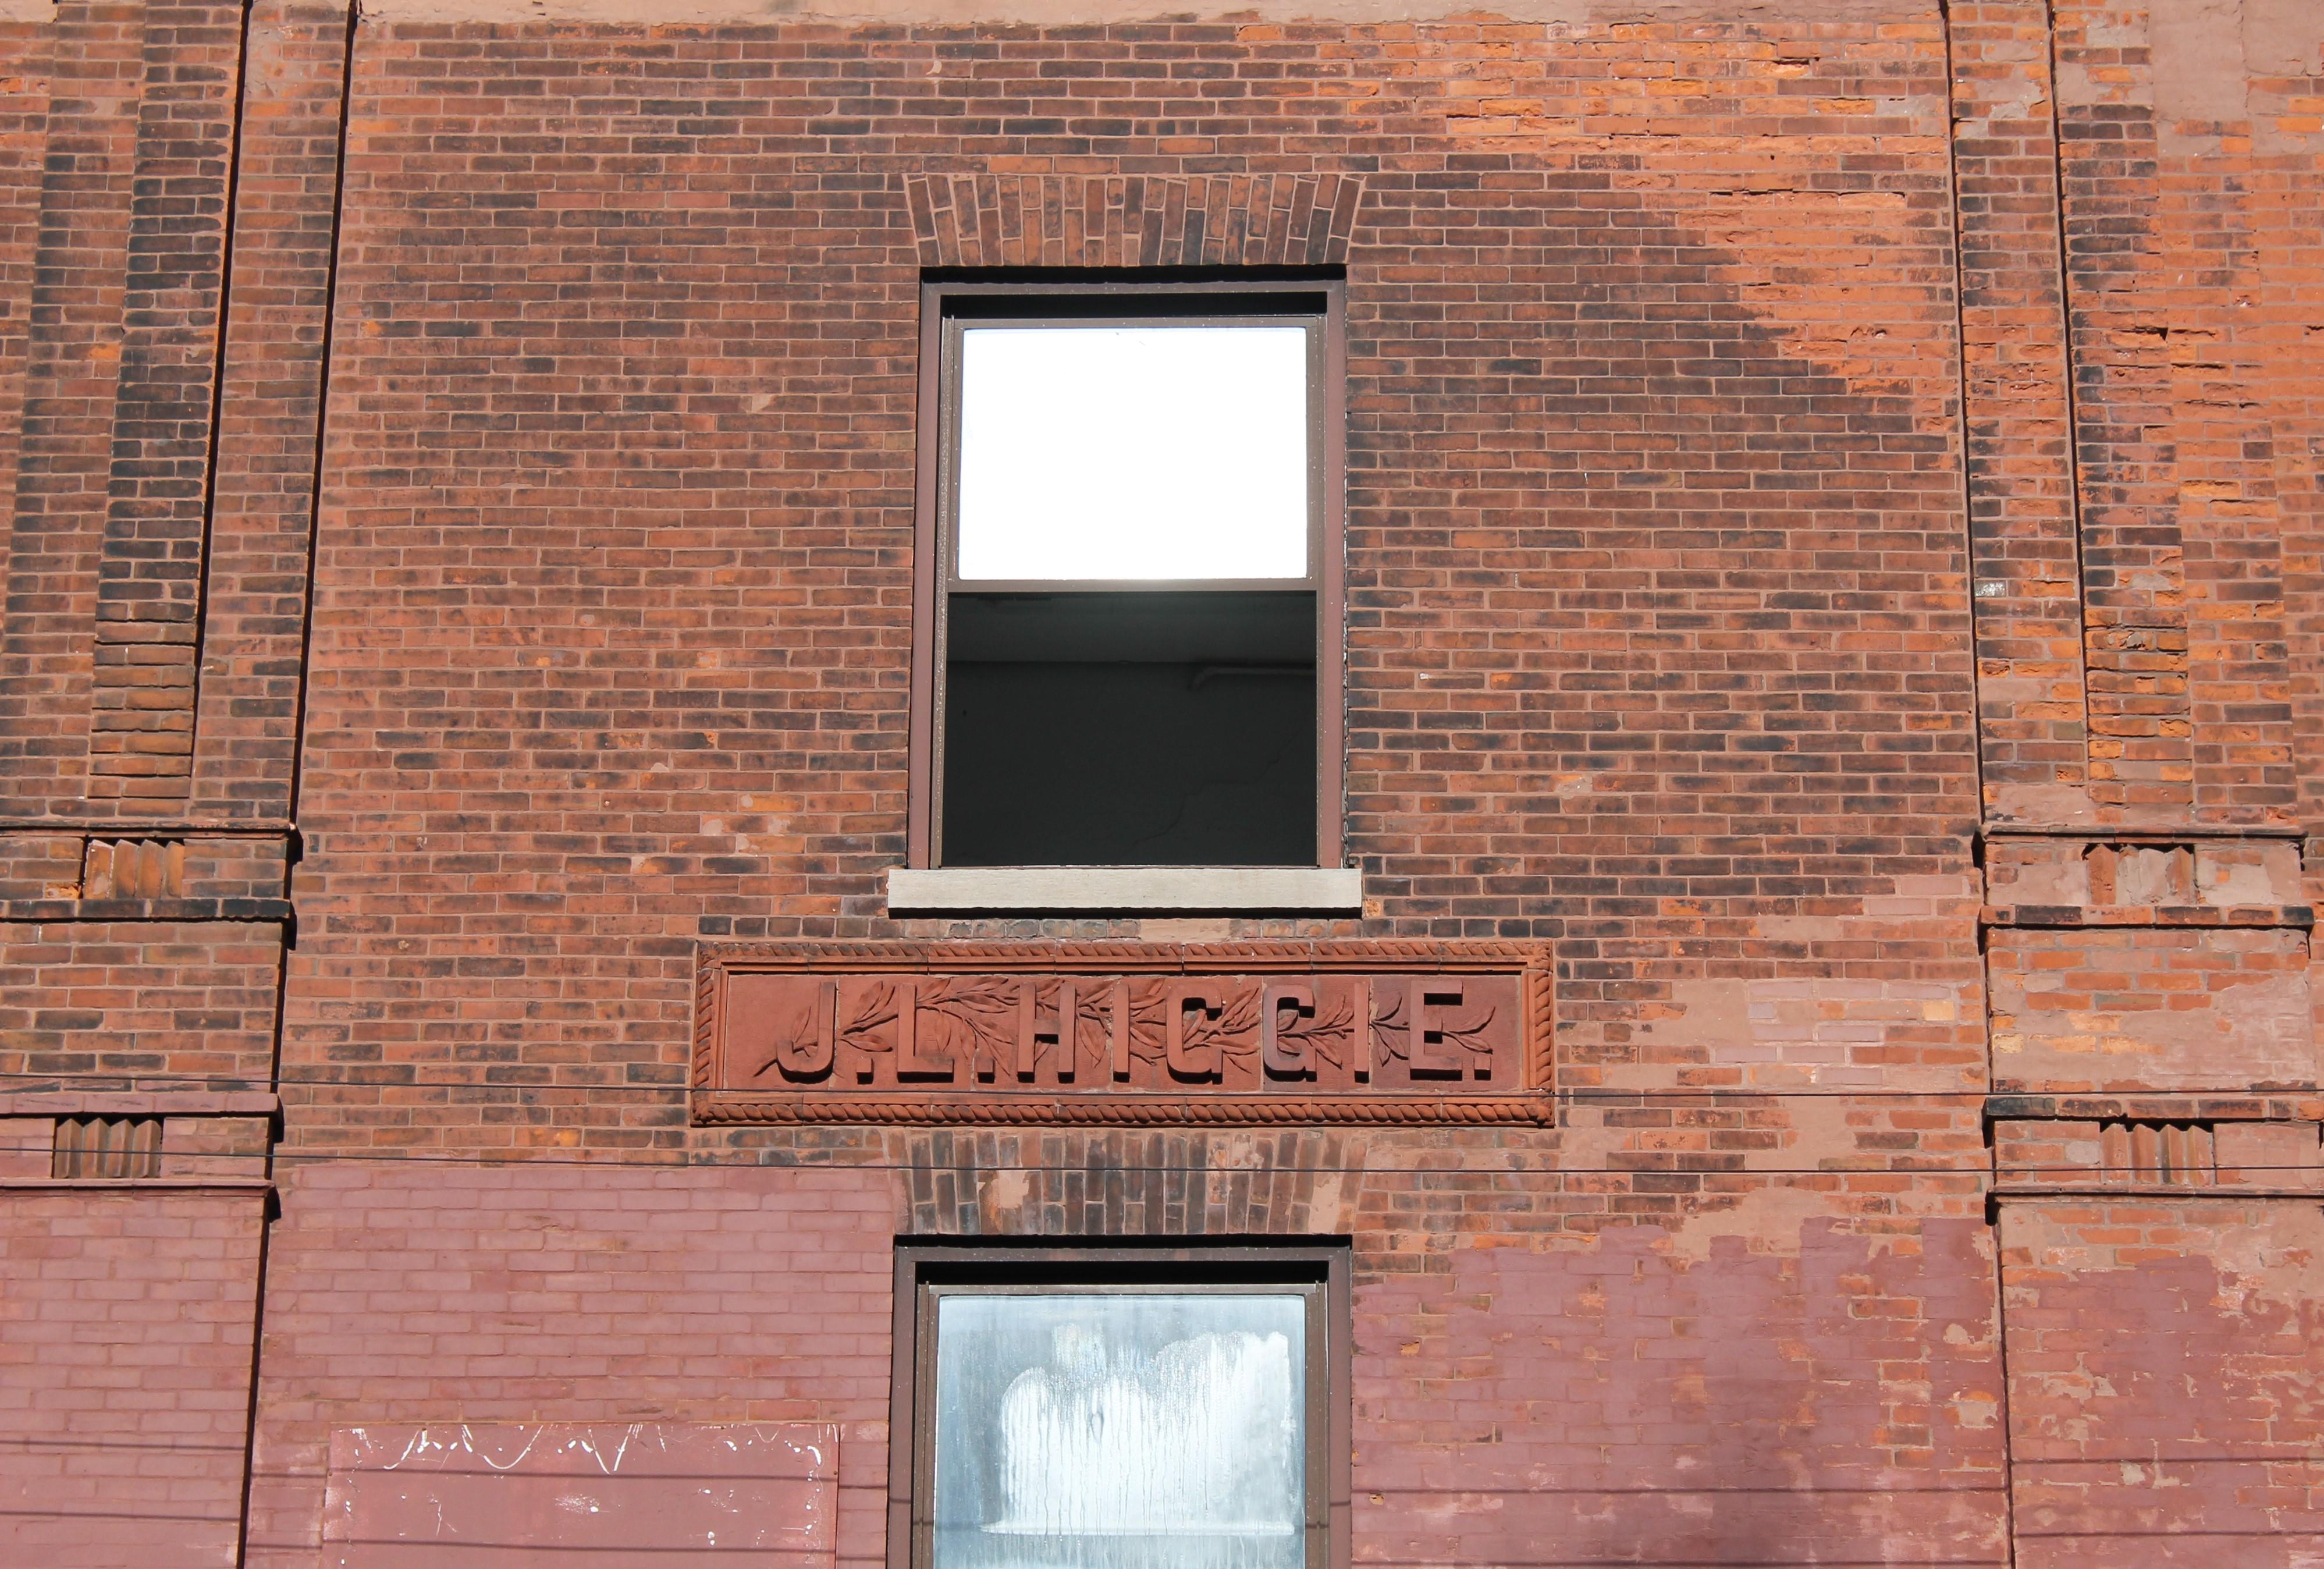 J.L. Higgie Building demolition